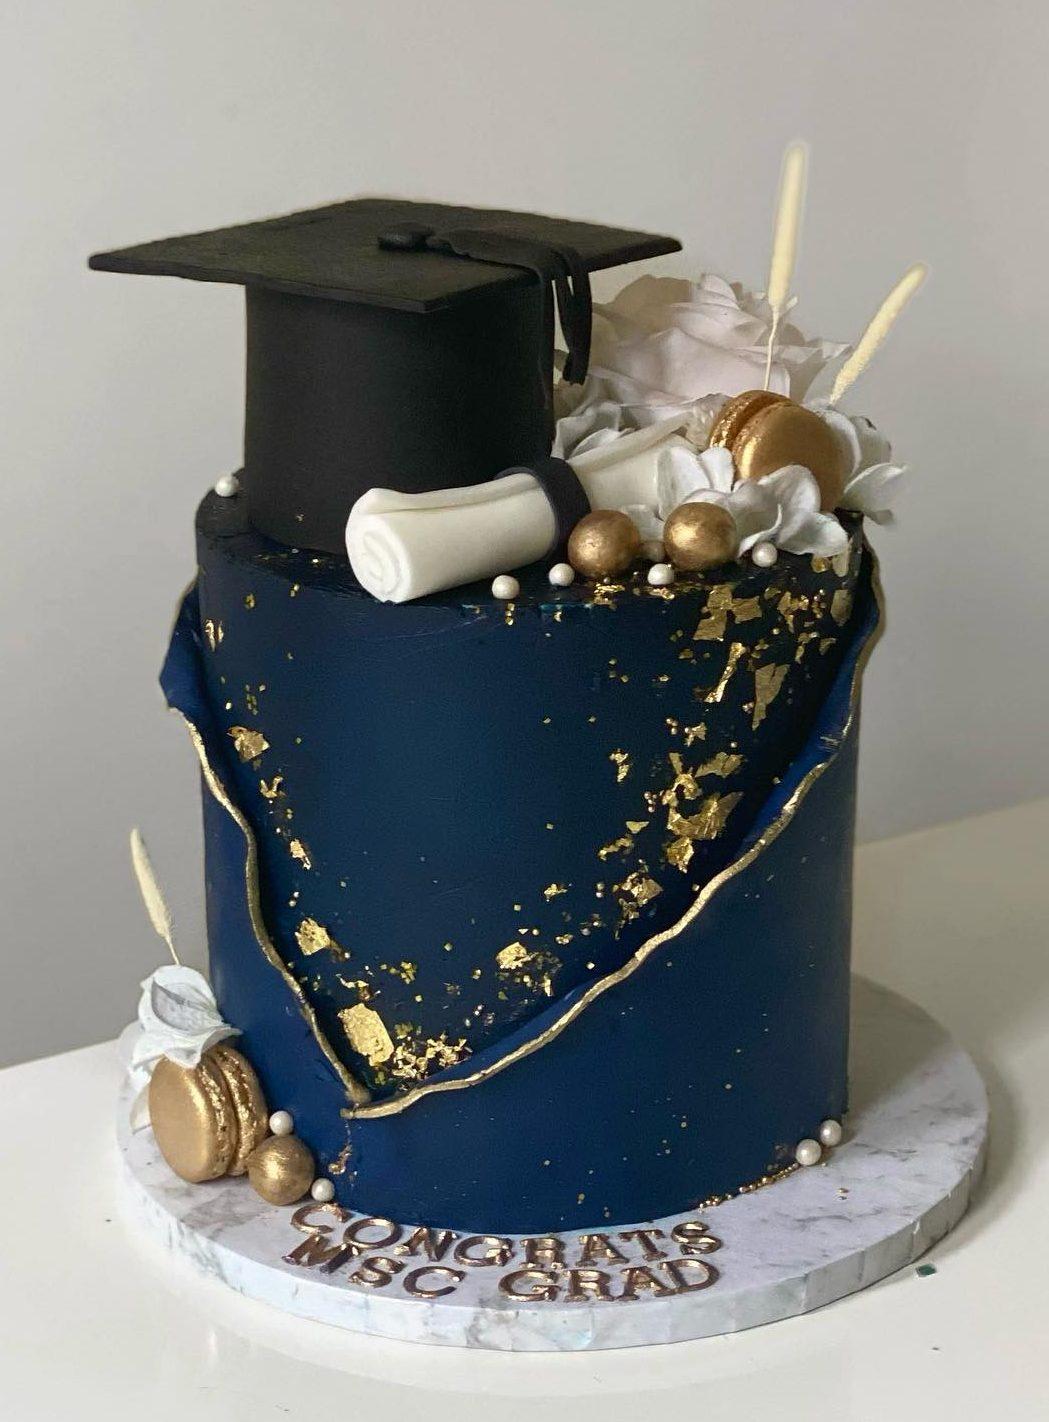 Blue grad cake with cap